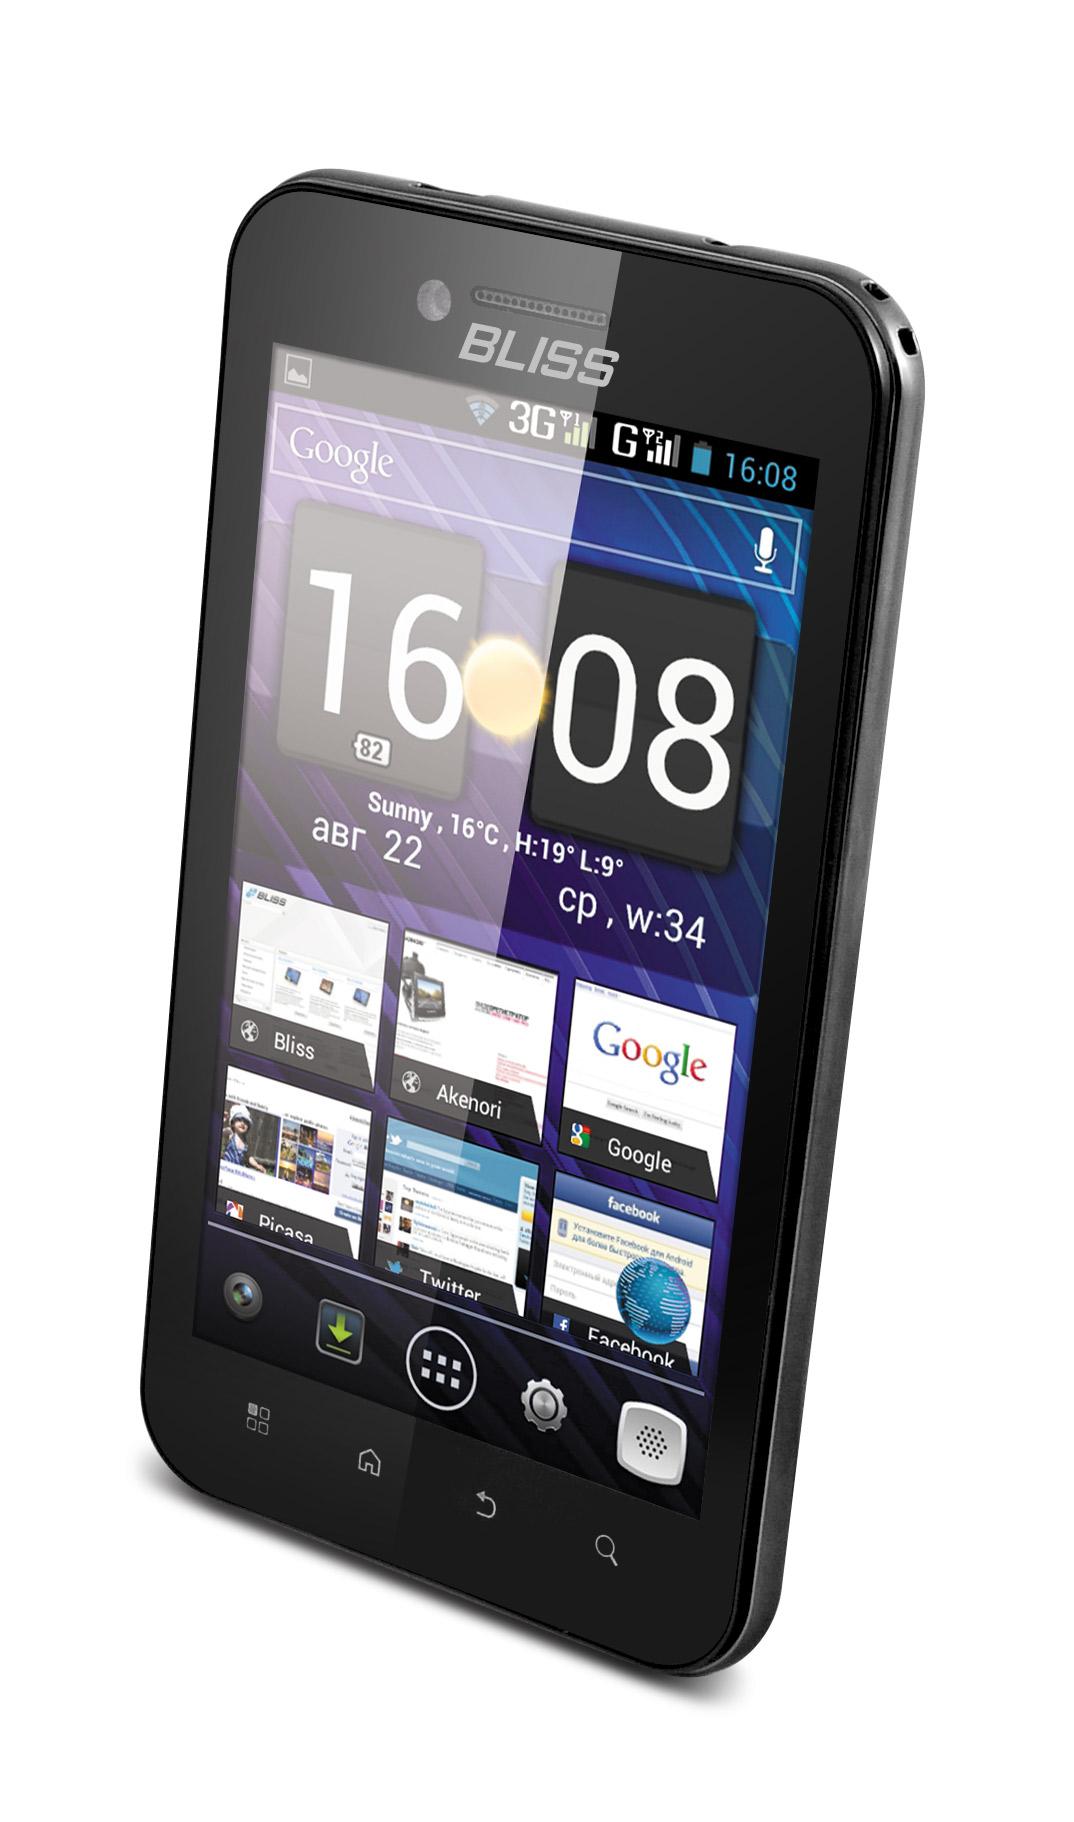 Смартфон Bliss S5 с 5-дюймовым дисплеем и поддержкой двух SIM-карт